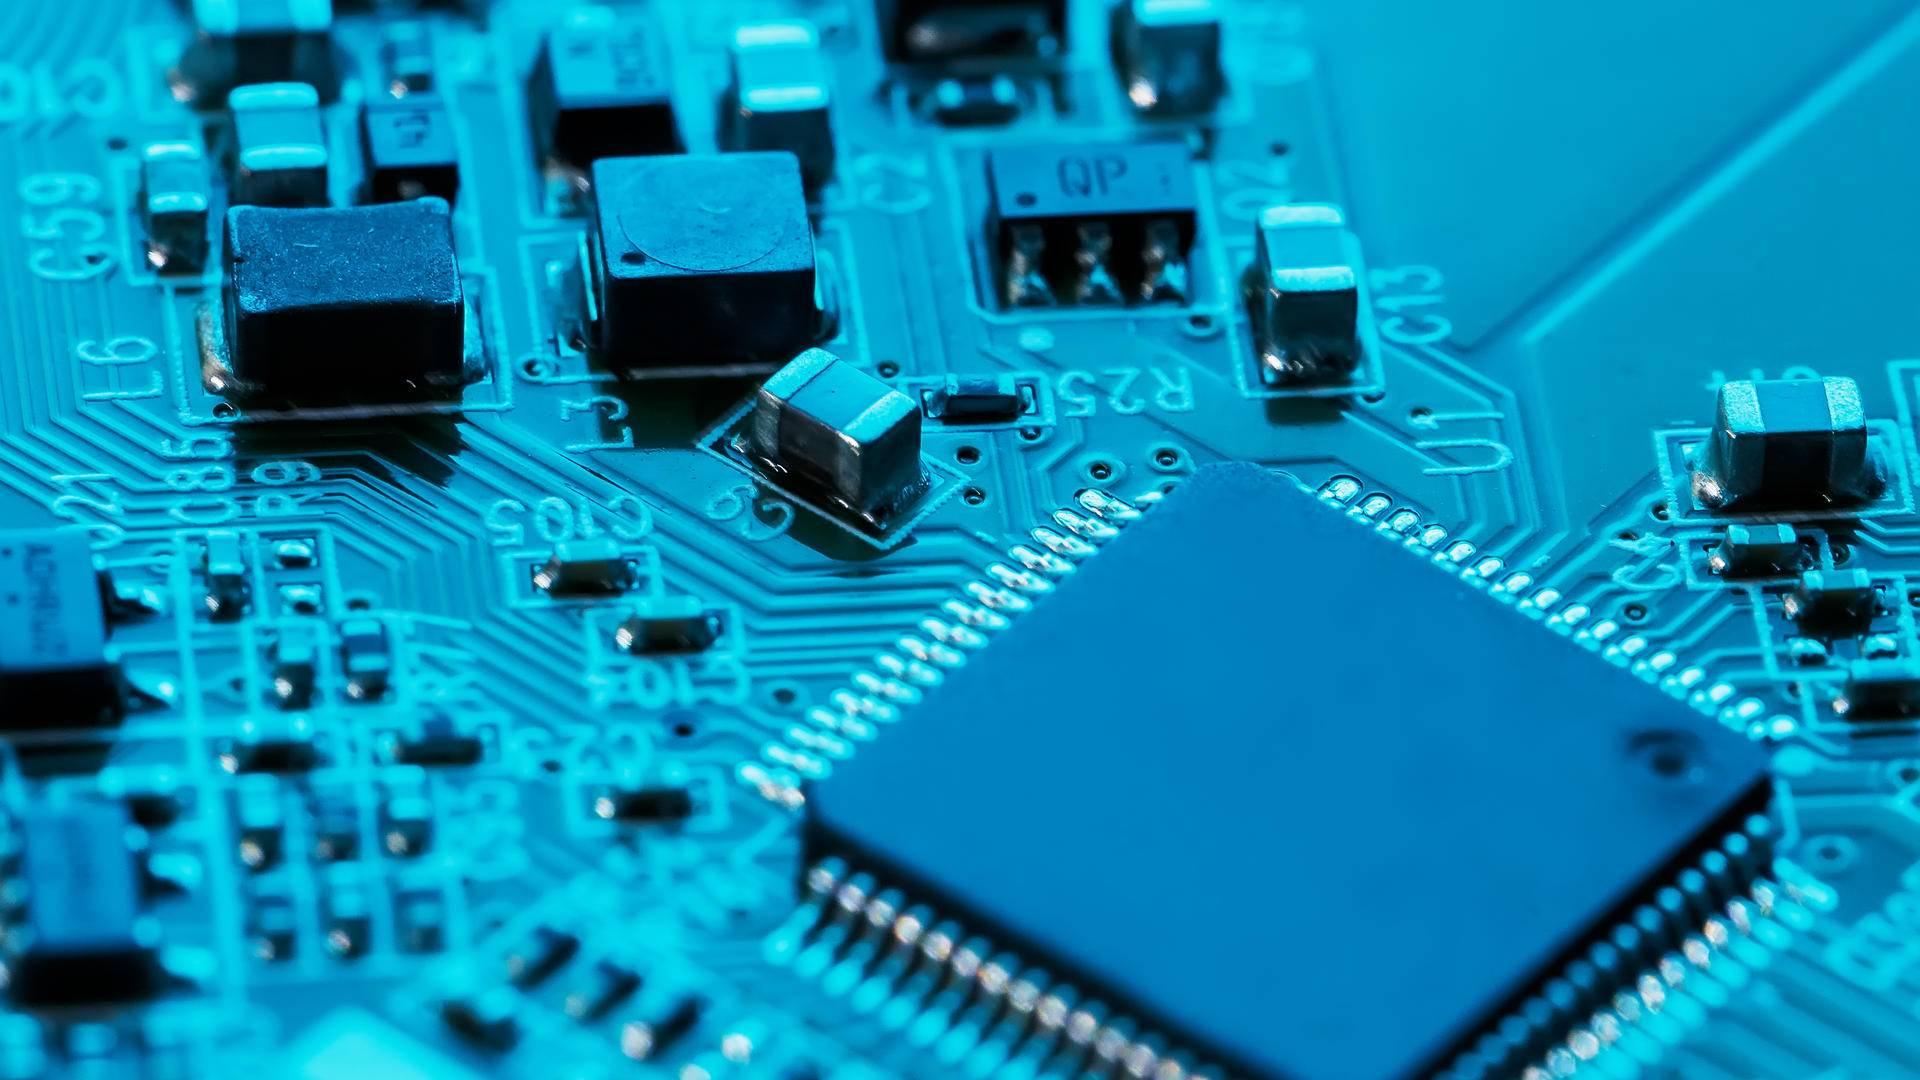 【分析師發布會】數字化轉型:科技賦能 供給創造需求